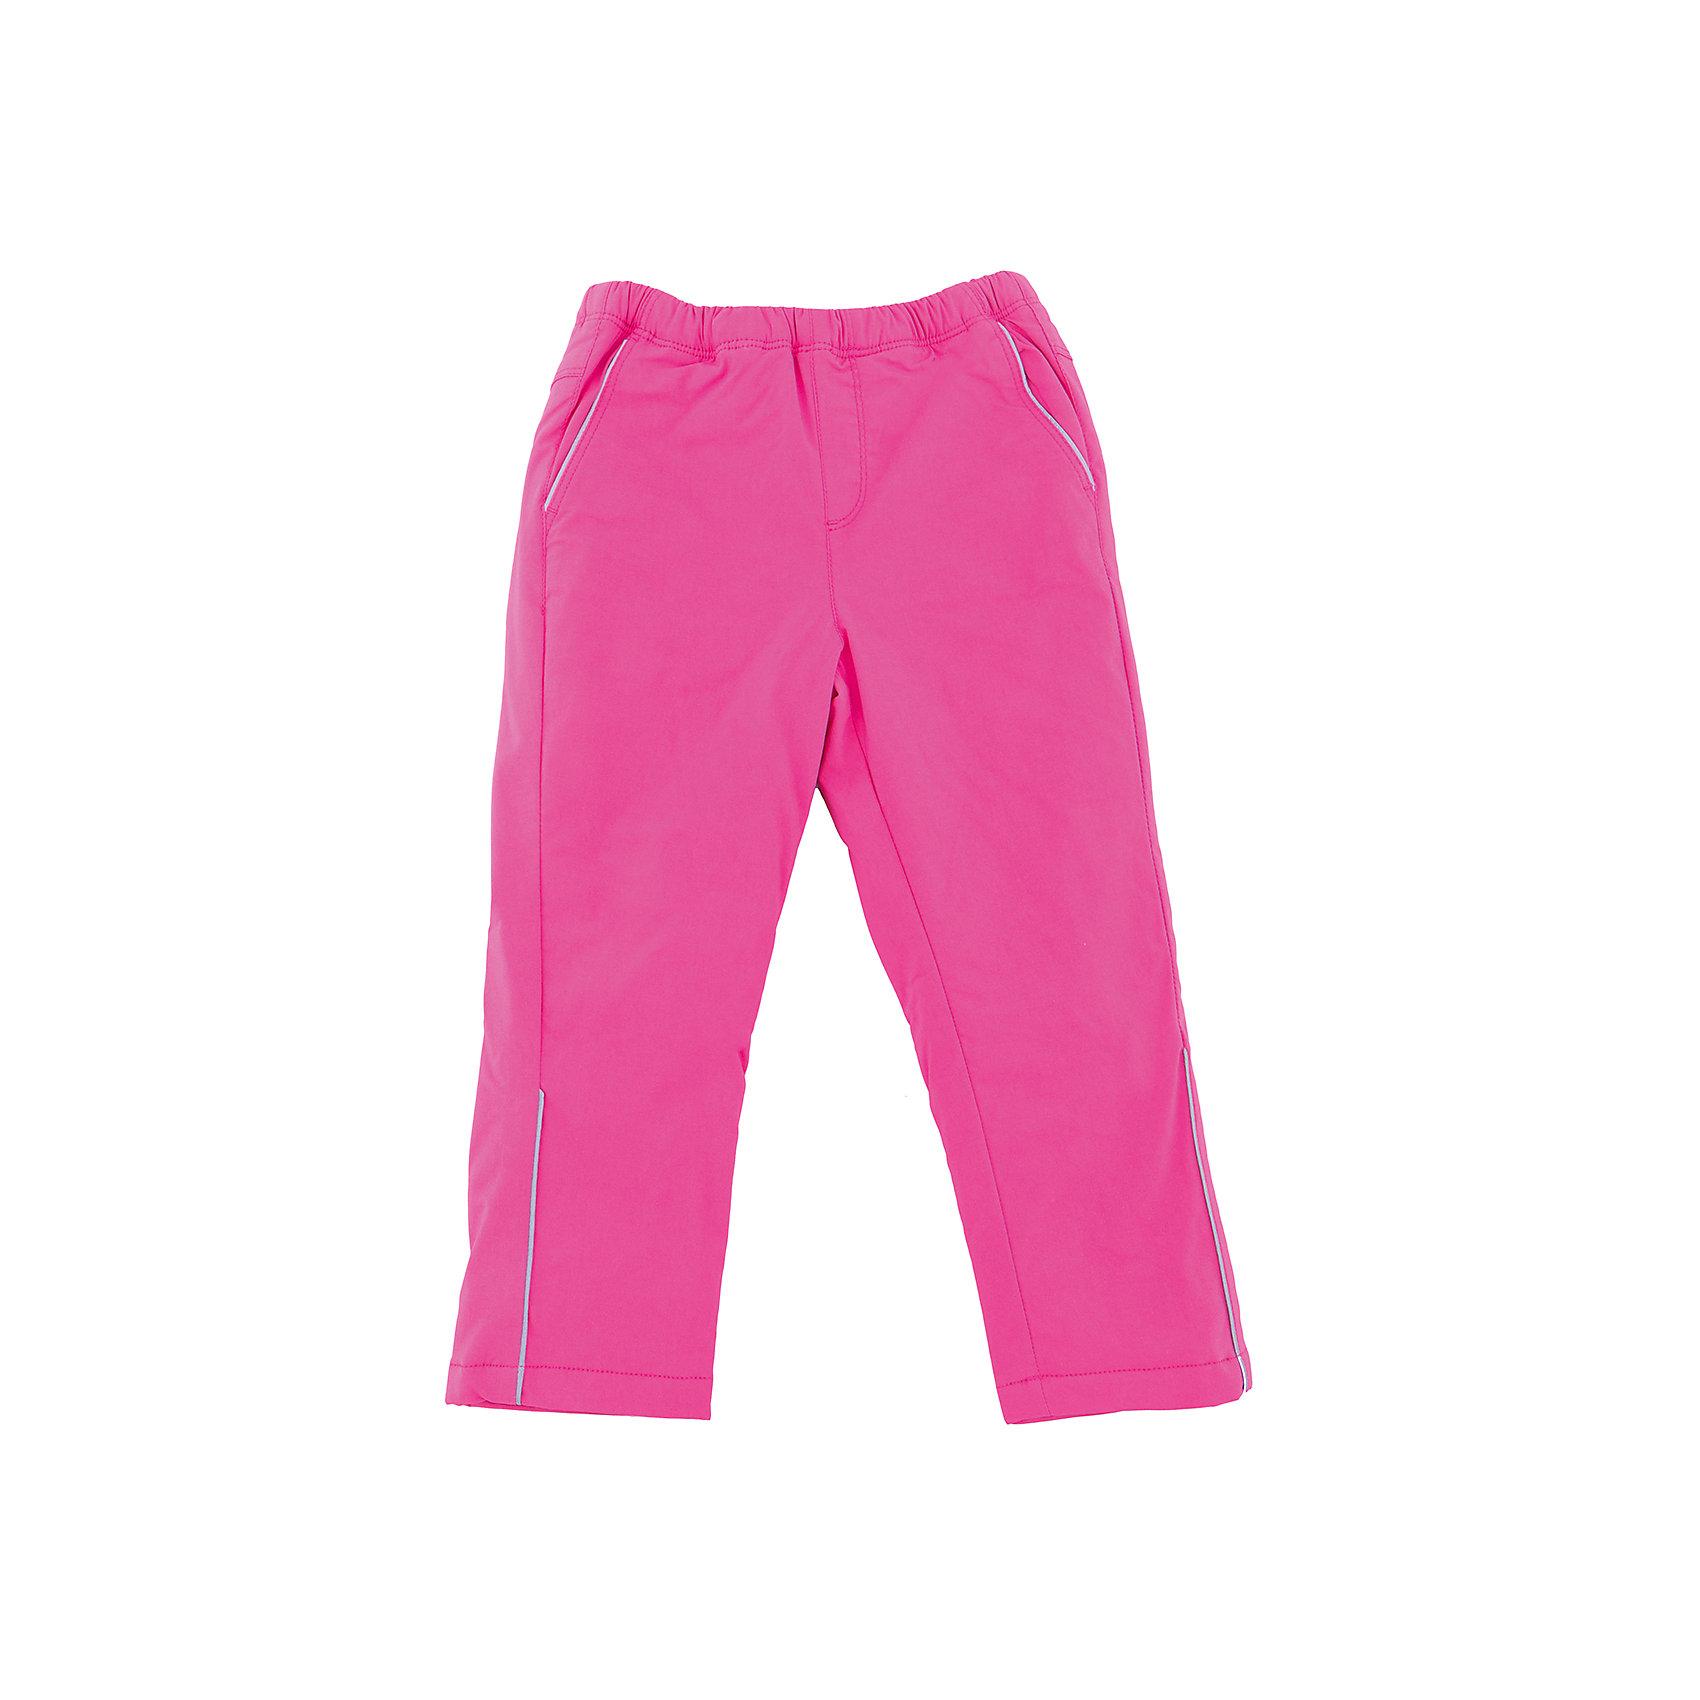 Брюки для девочки SELAХарактеристики товара:<br><br>• цвет: розовый<br>• состав: 70% вискоза, 25% нейлон, 5% эластан<br>• спортивный стиль<br>• однотонные<br>• пояс: мягкая резинка со шнурком<br>• коллекция весна-лето 2017<br>• страна бренда: Российская Федерация<br><br>Вещи из новой коллекции SELA продолжают радовать удобством! Симпатичные брюки для девочки помогут разнообразить гардероб и обеспечить комфорт. Они отлично сочетаются с майками, футболками, куртками. В составе материала - натуральный хлопок.<br><br>Одежда, обувь и аксессуары от российского бренда SELA не зря пользуются большой популярностью у детей и взрослых! Модели этой марки - стильные и удобные, цена при этом неизменно остается доступной. Для их производства используются только безопасные, качественные материалы и фурнитура. Новая коллекция поддерживает хорошие традиции бренда! <br><br>Брюки для девочки от популярного бренда SELA (СЕЛА) можно купить в нашем интернет-магазине.<br><br>Ширина мм: 215<br>Глубина мм: 88<br>Высота мм: 191<br>Вес г: 336<br>Цвет: розовый<br>Возраст от месяцев: 60<br>Возраст до месяцев: 72<br>Пол: Женский<br>Возраст: Детский<br>Размер: 116,98,104,110<br>SKU: 5302644